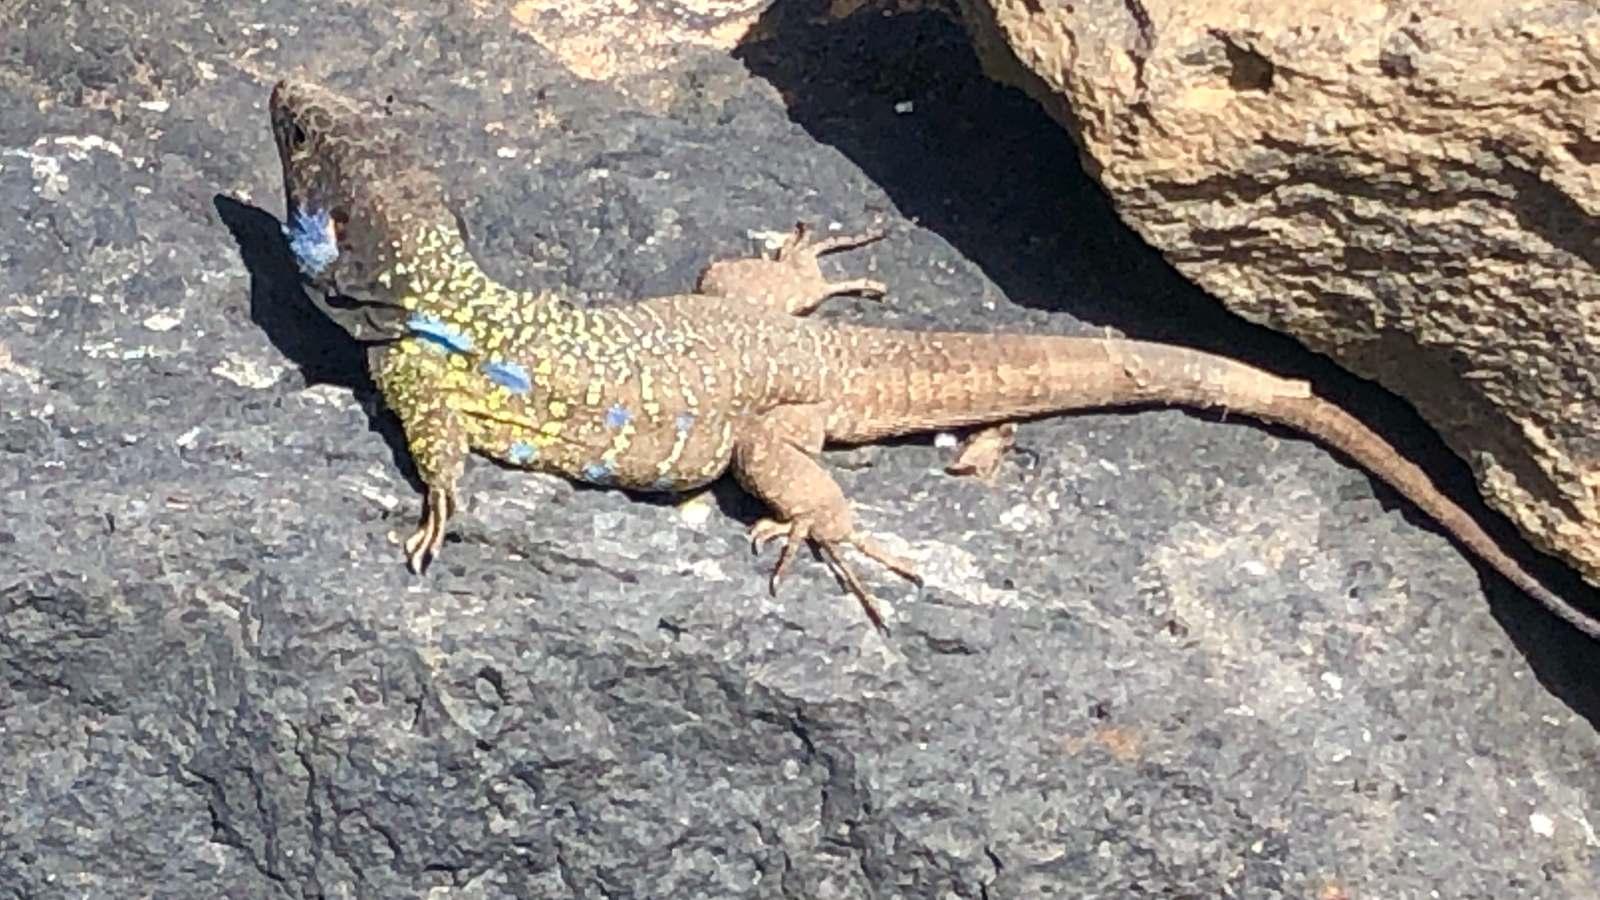 El lagarto gigante vive sobre todo en el Parque Rural de Teno.